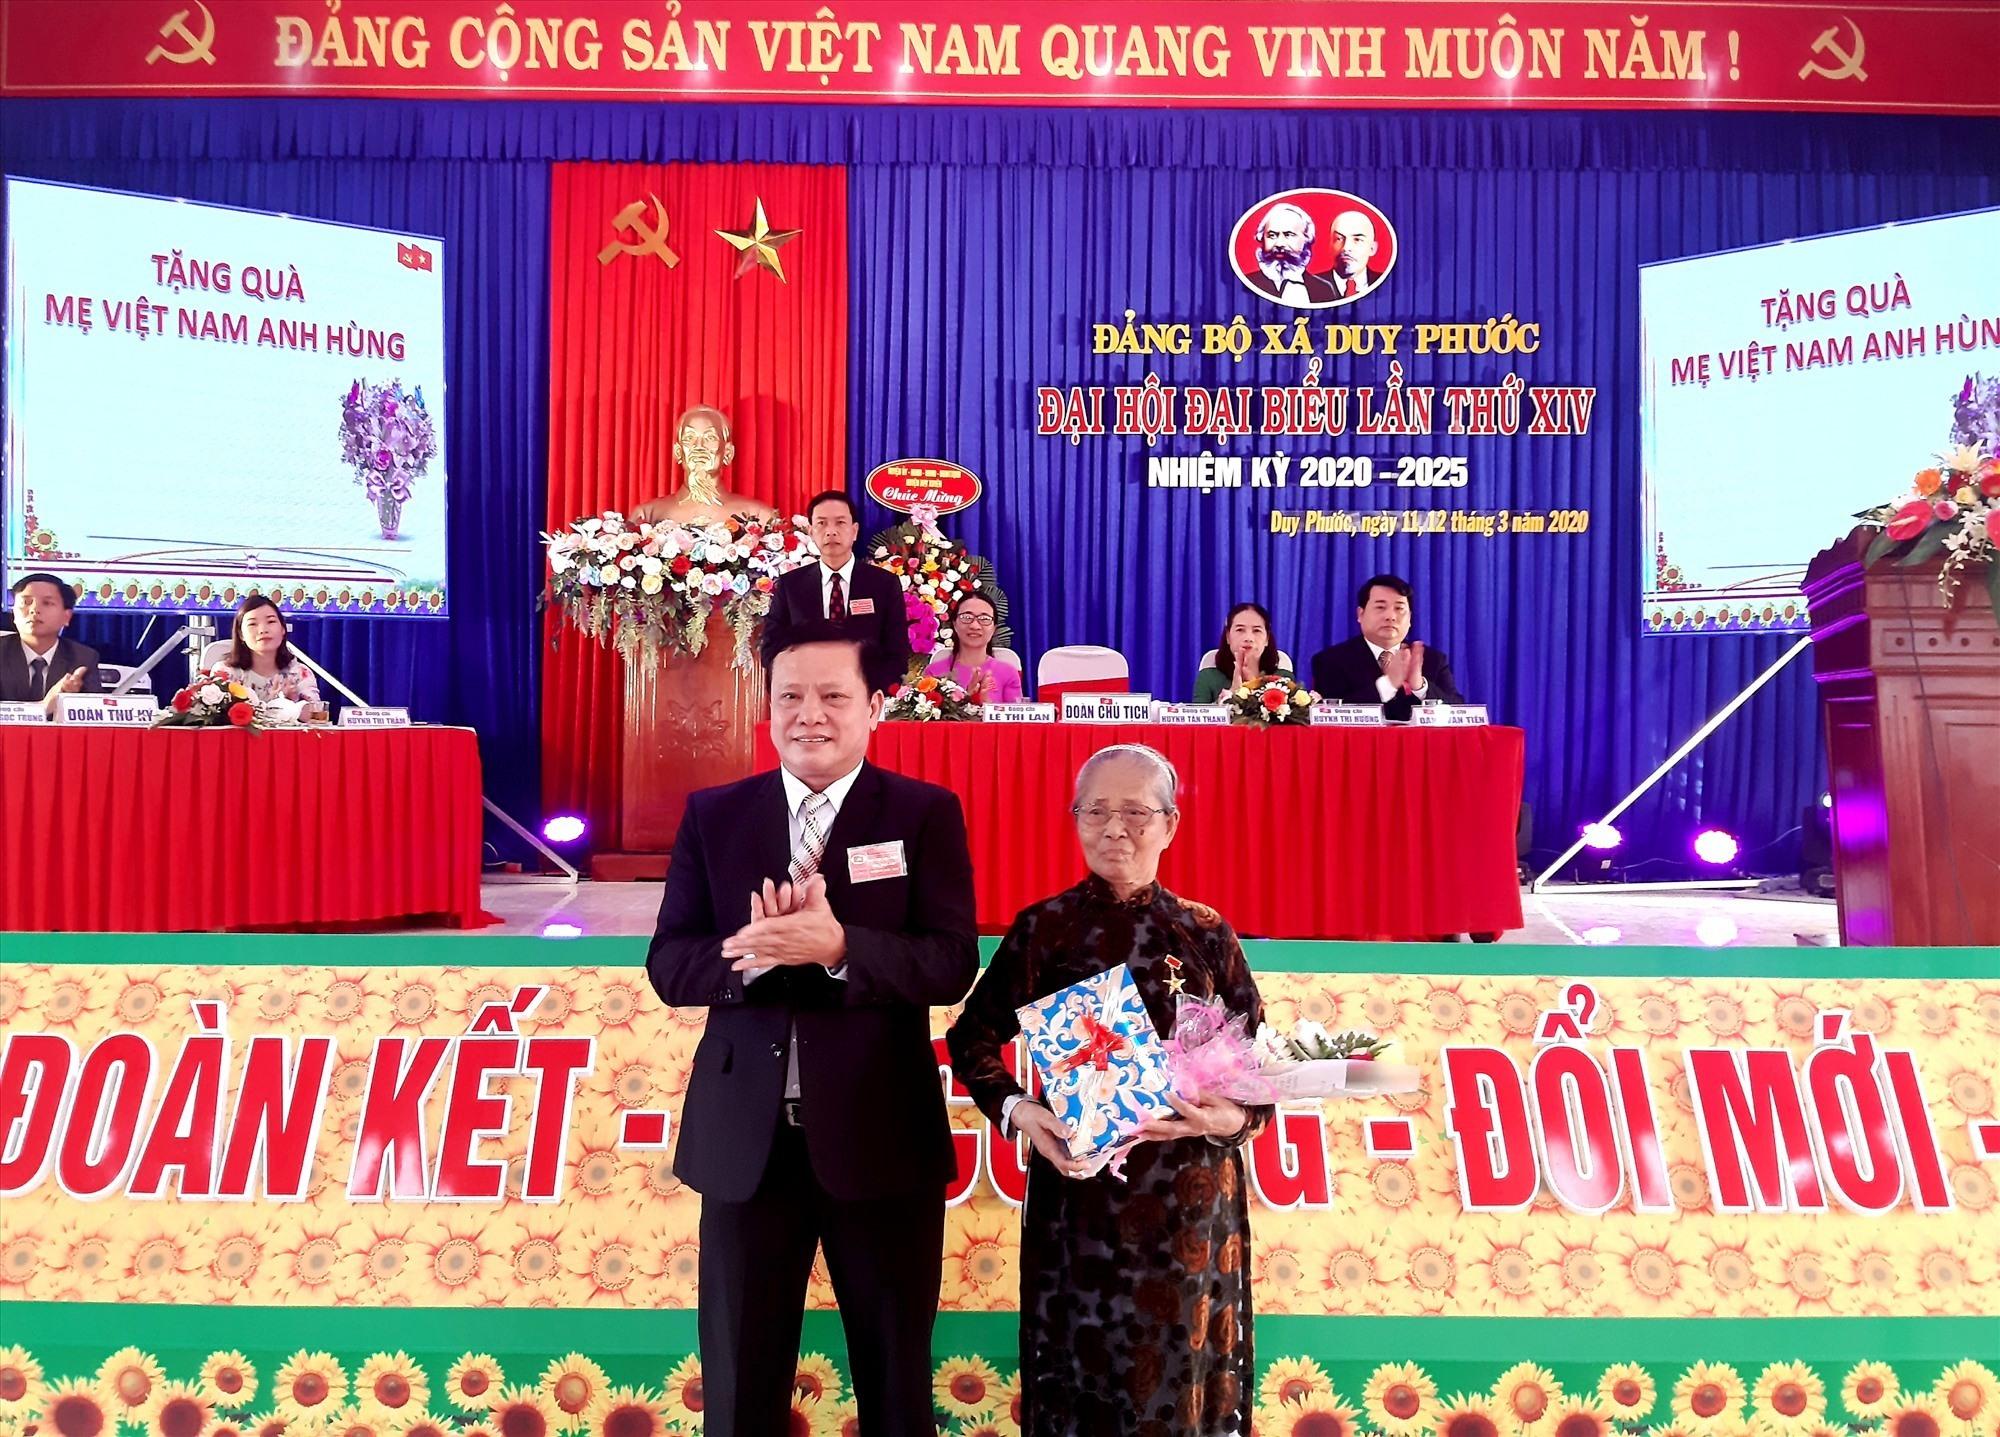 Ông Huỳnh Tấn Thành - Bí thư Đảng ủy xã Duy Phước (khóa XIII) tặng quà Bà mẹ VNAH Dương Thị Phụng trong phiên khai mạc Đại hội. Ảnh: V.S